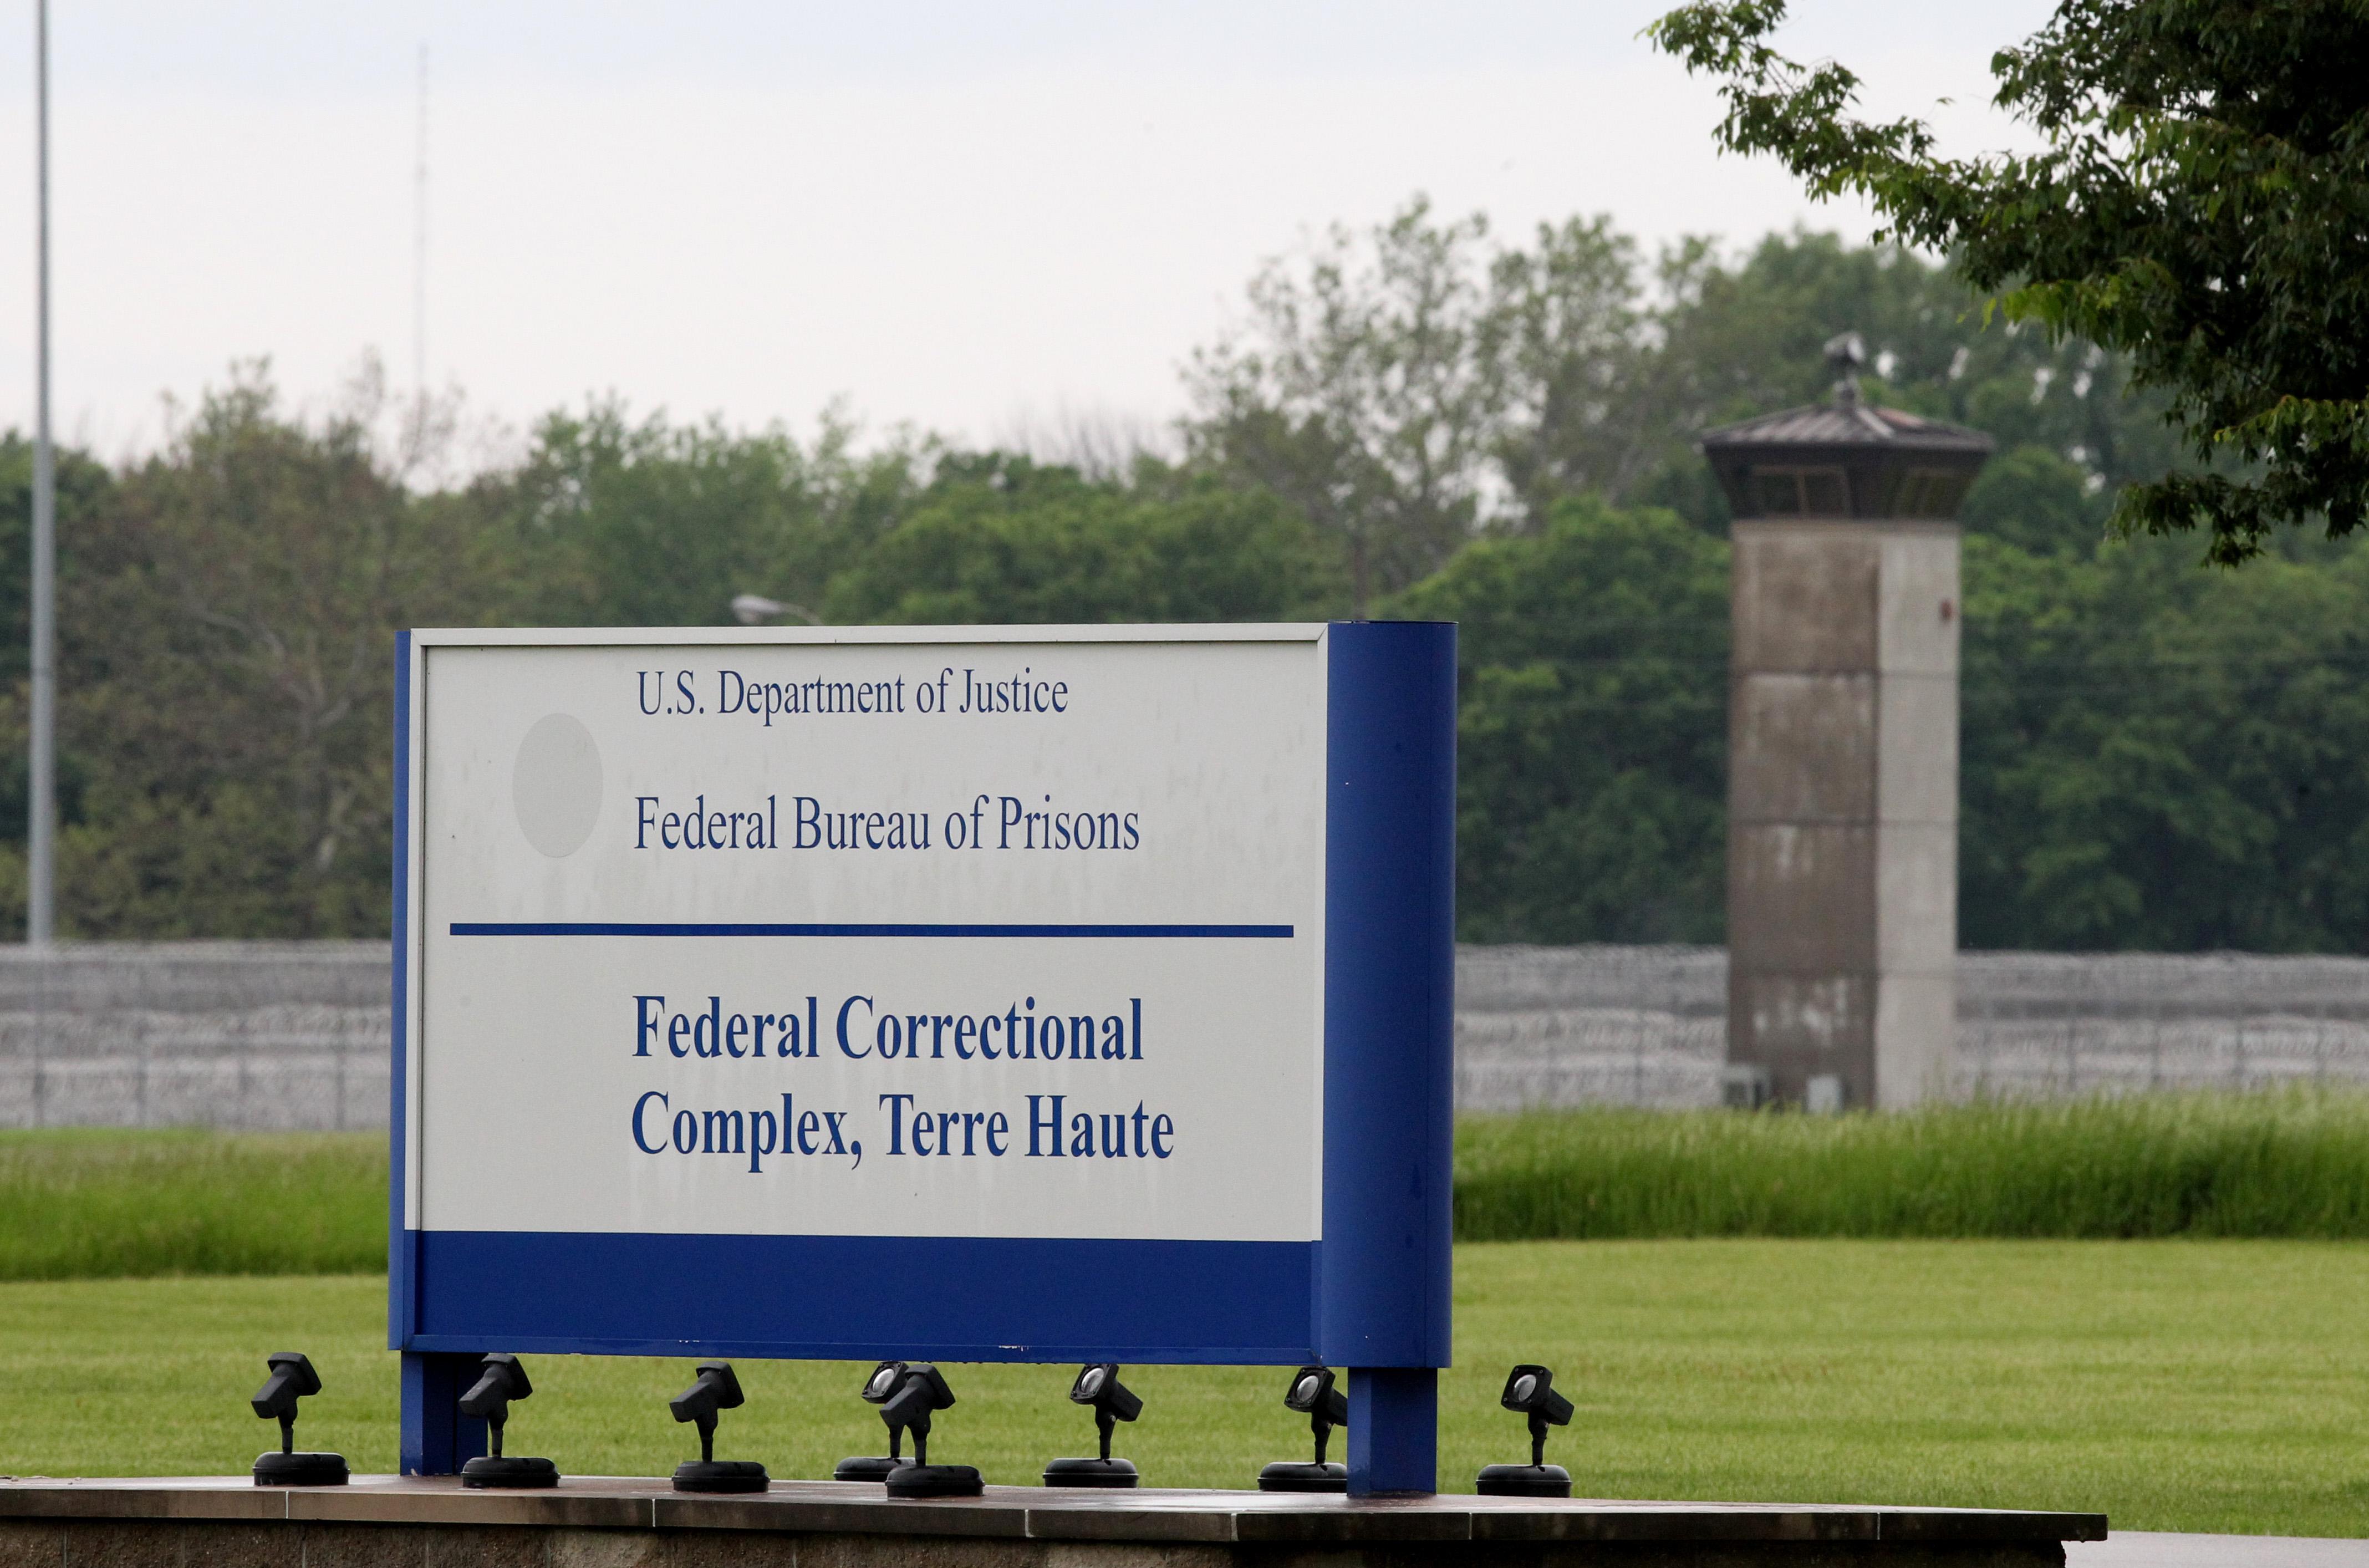 Két napon belül a második elítéltet végezték ki Amerikában